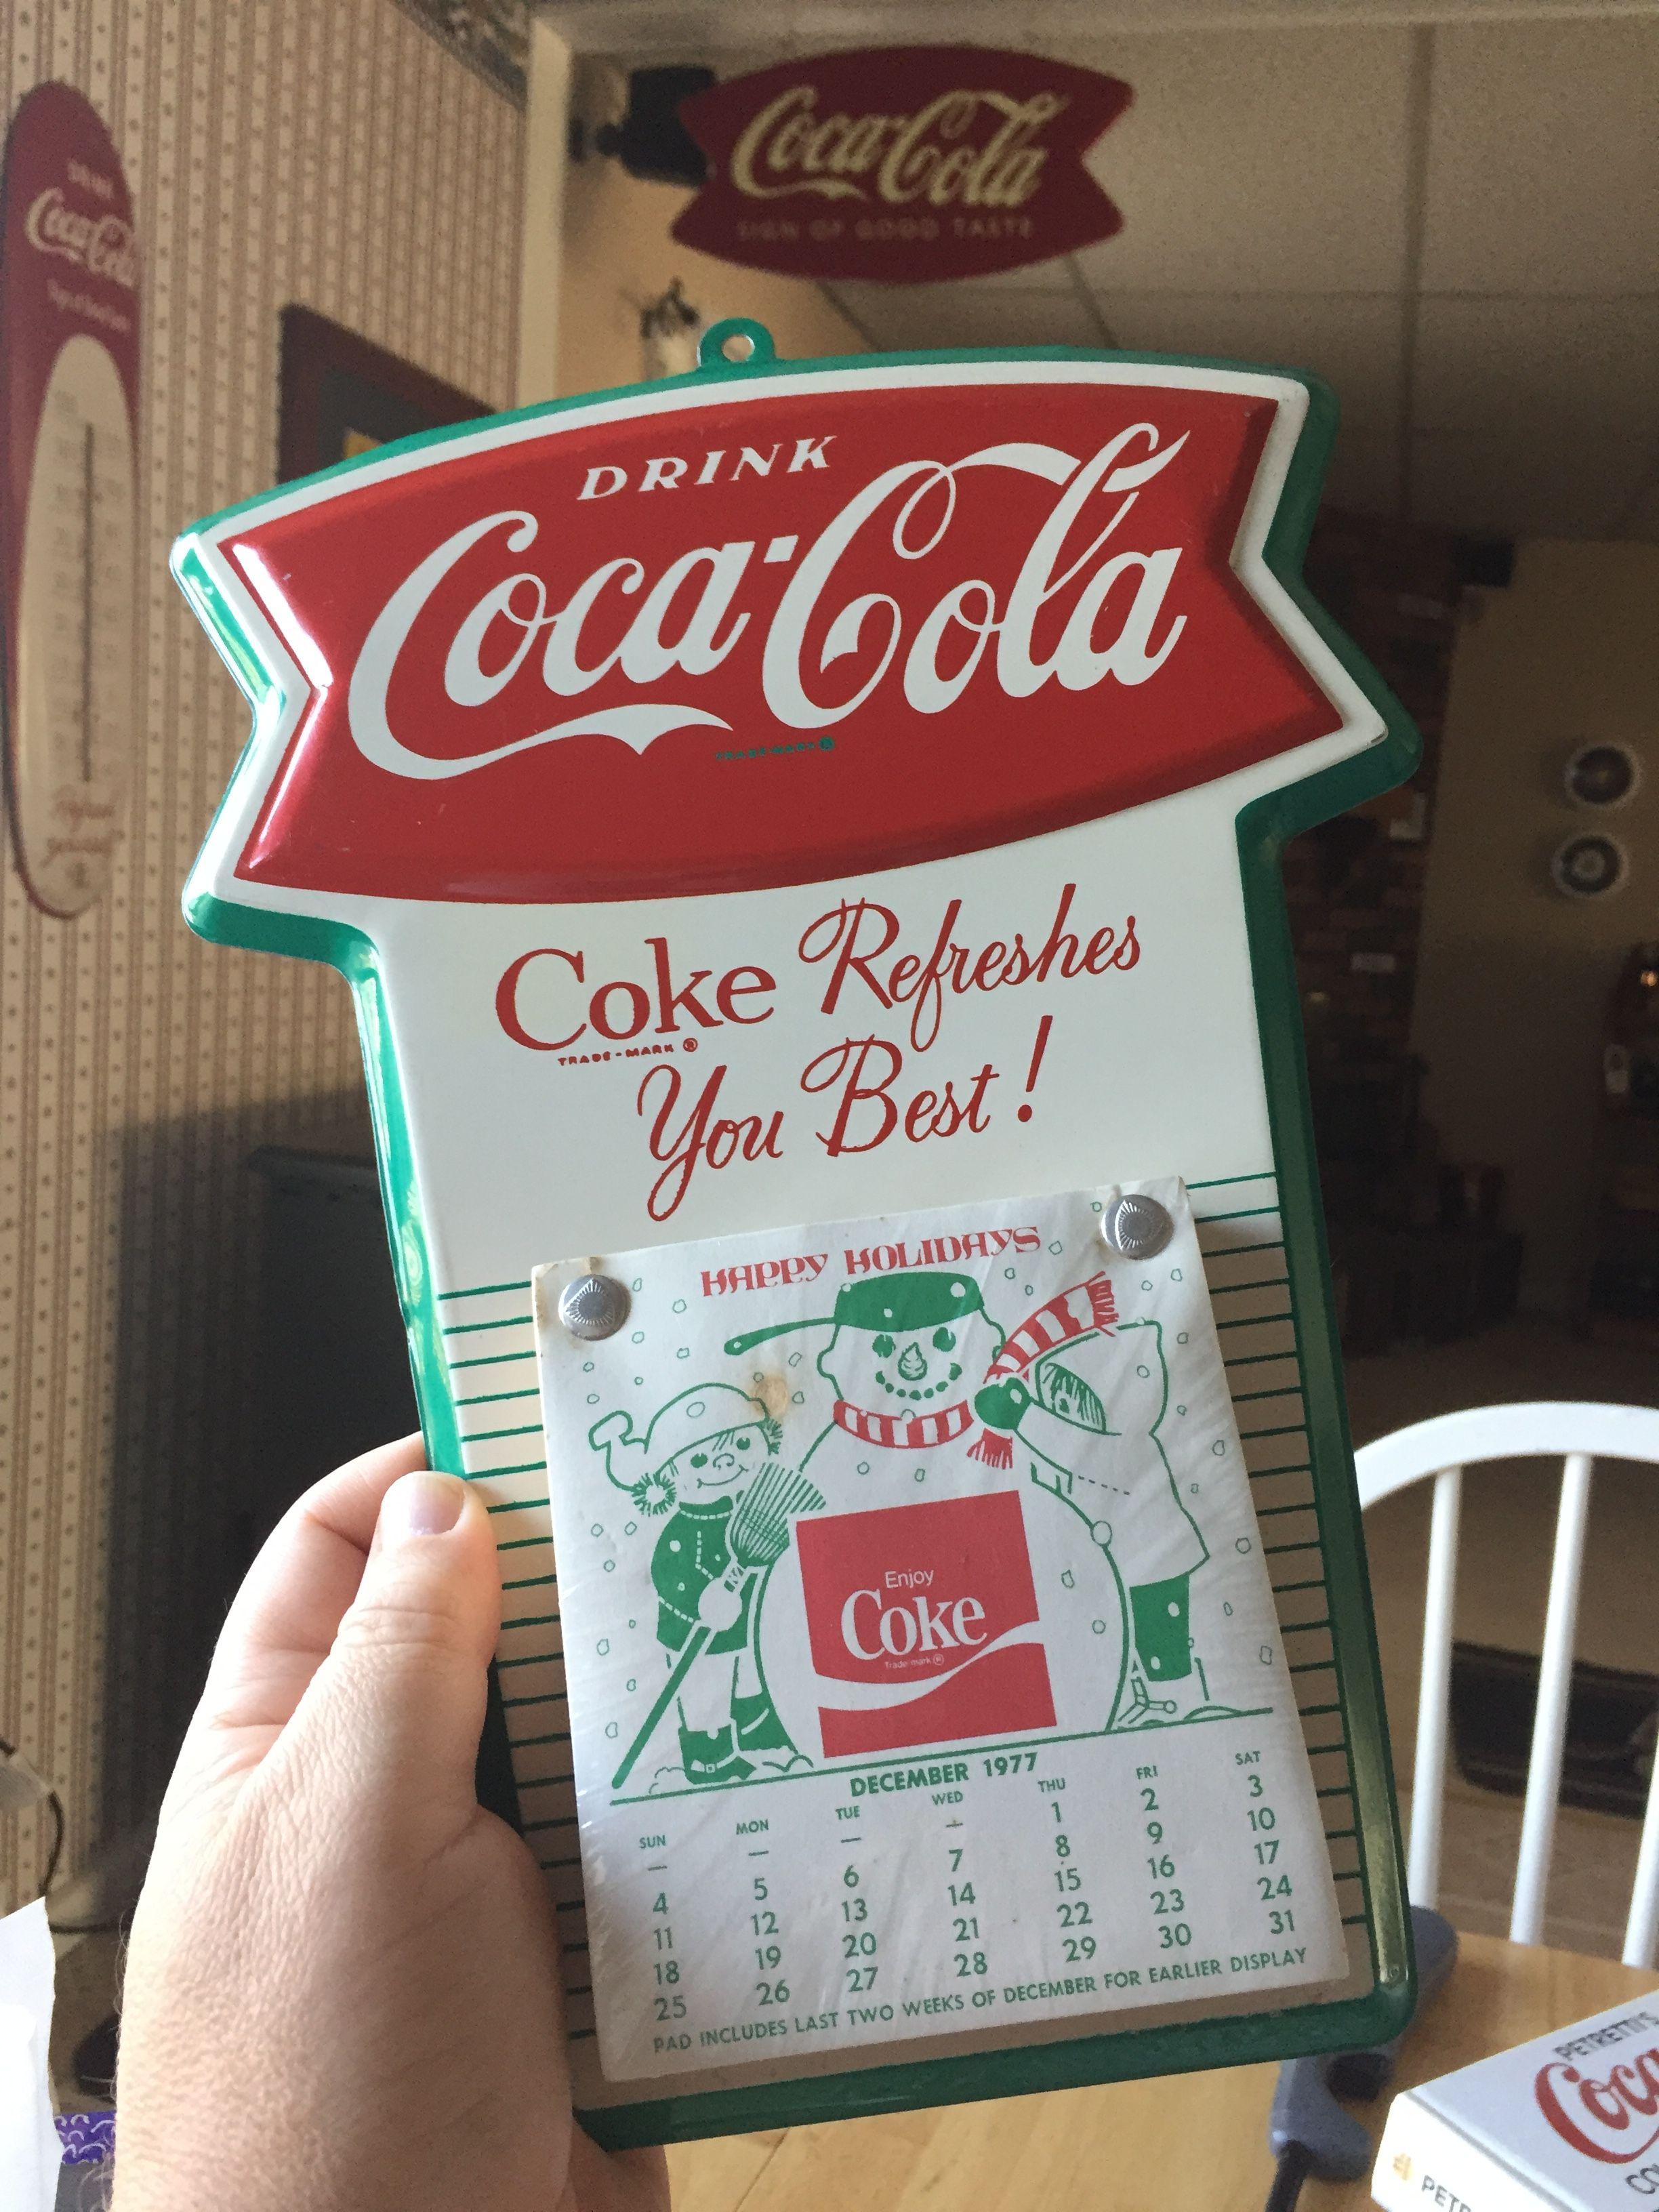 Coca Cola Retro Kühlschrank Schwarz : Pin von greg wilson auf coca cola pinterest bilder